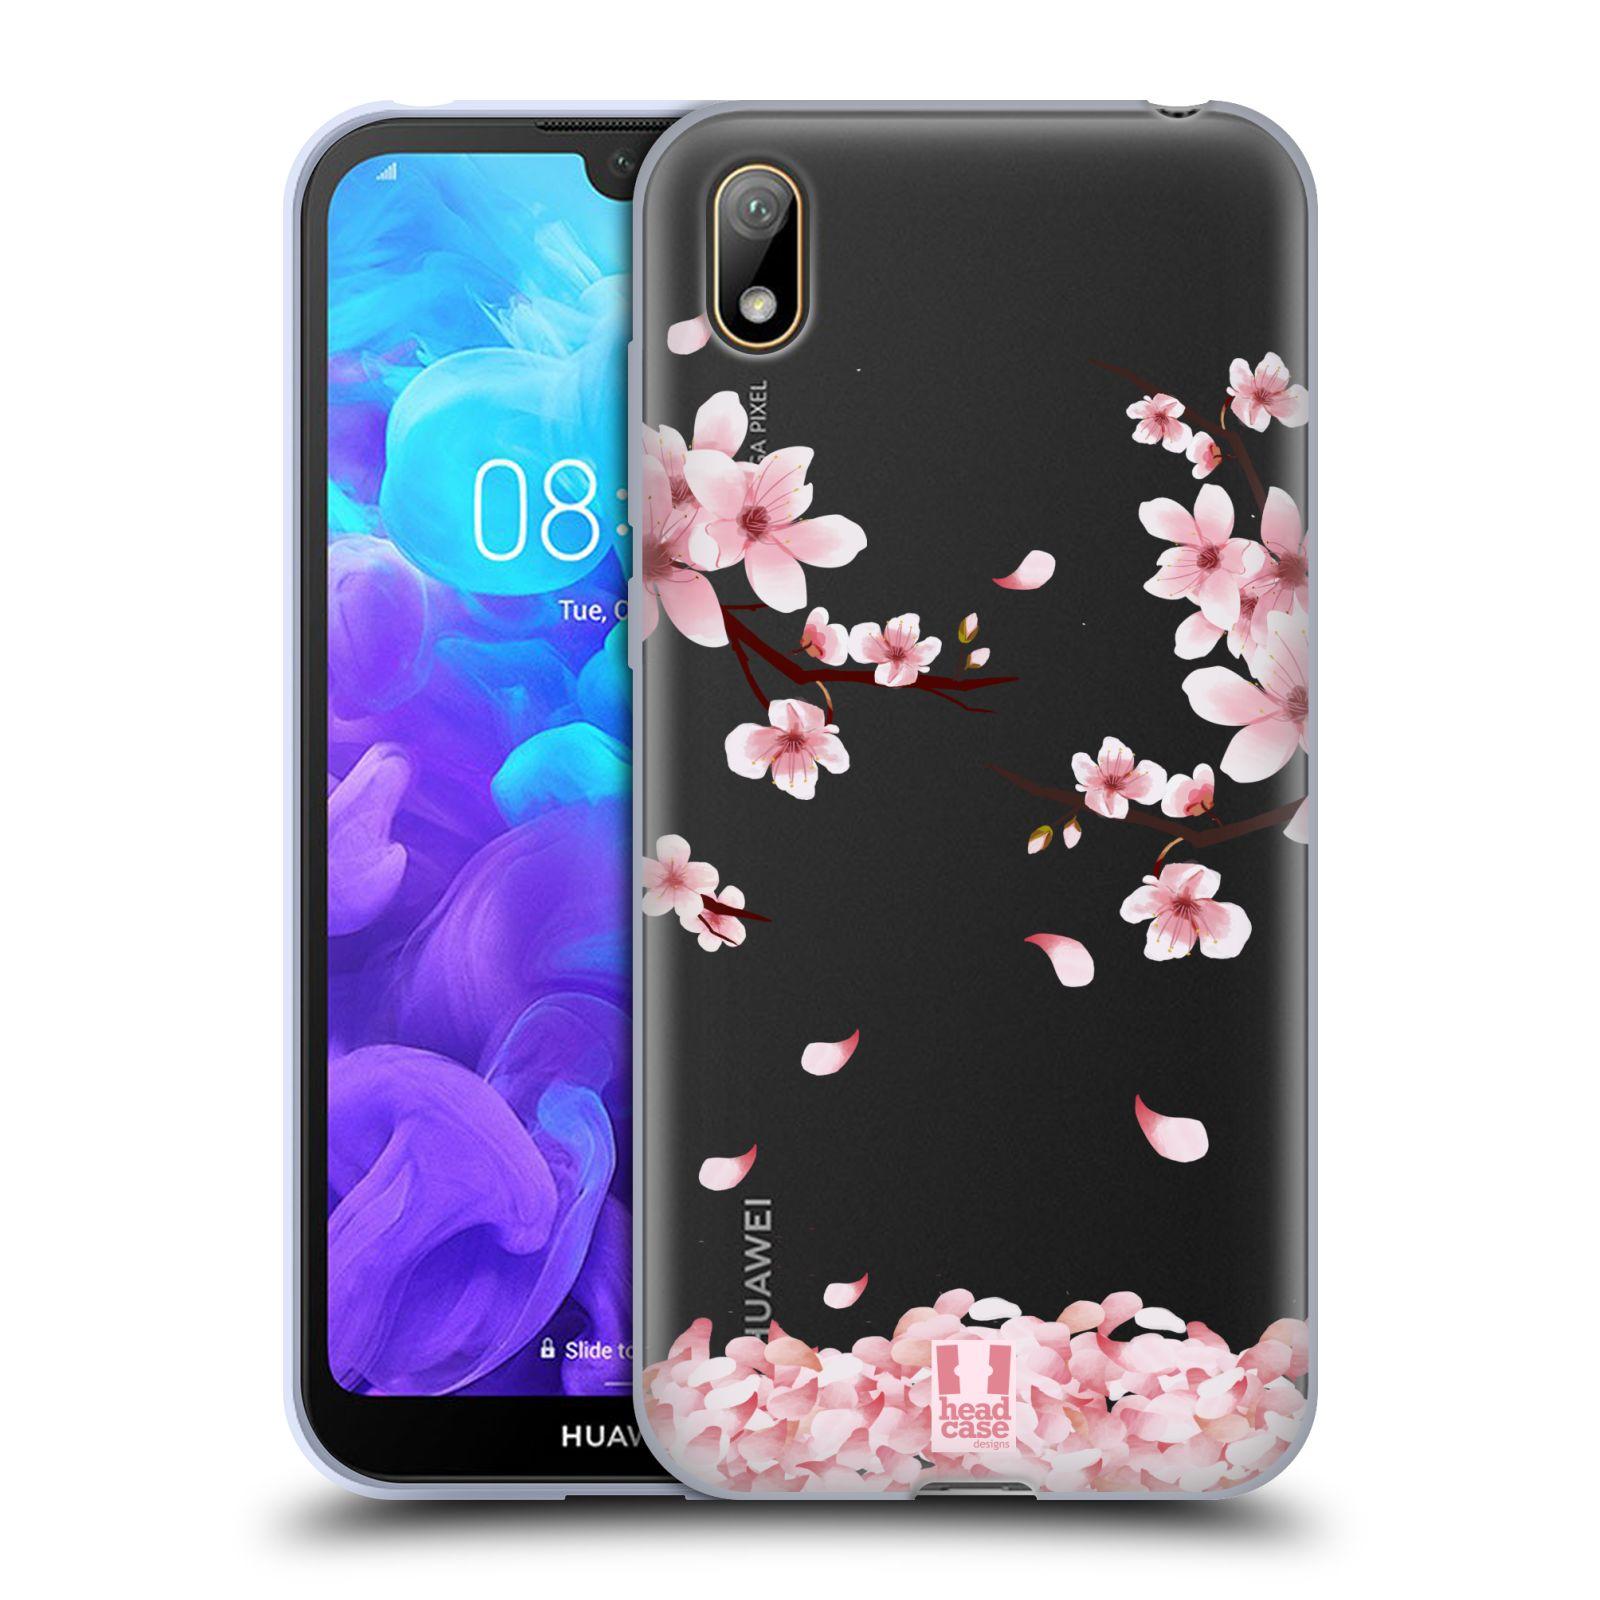 Silikonové pouzdro na mobil Huawei Y5 (2019) - Head Case - Květy a větvičky